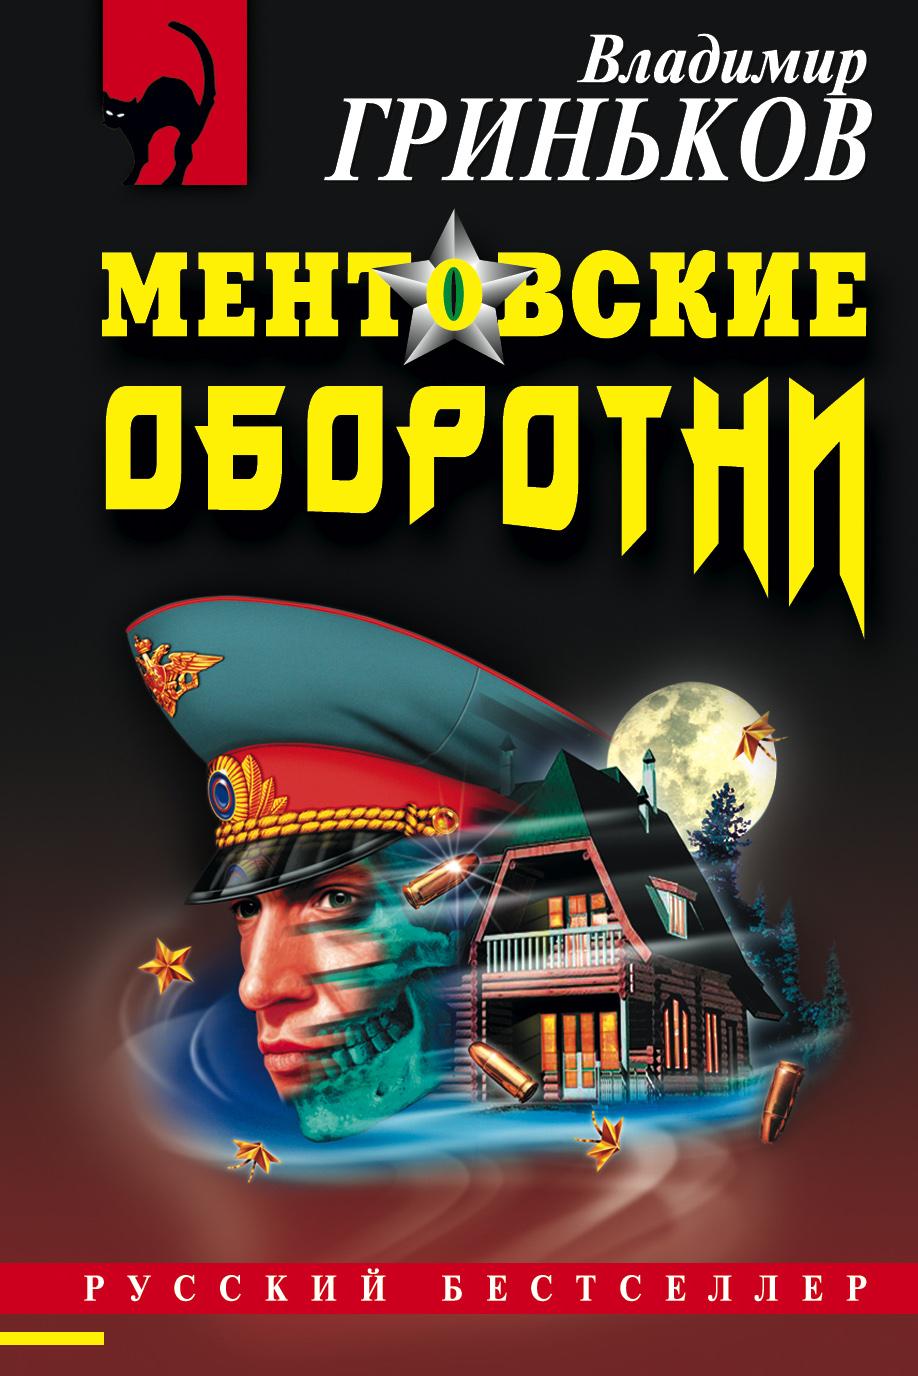 Книга Ментовские оборотни